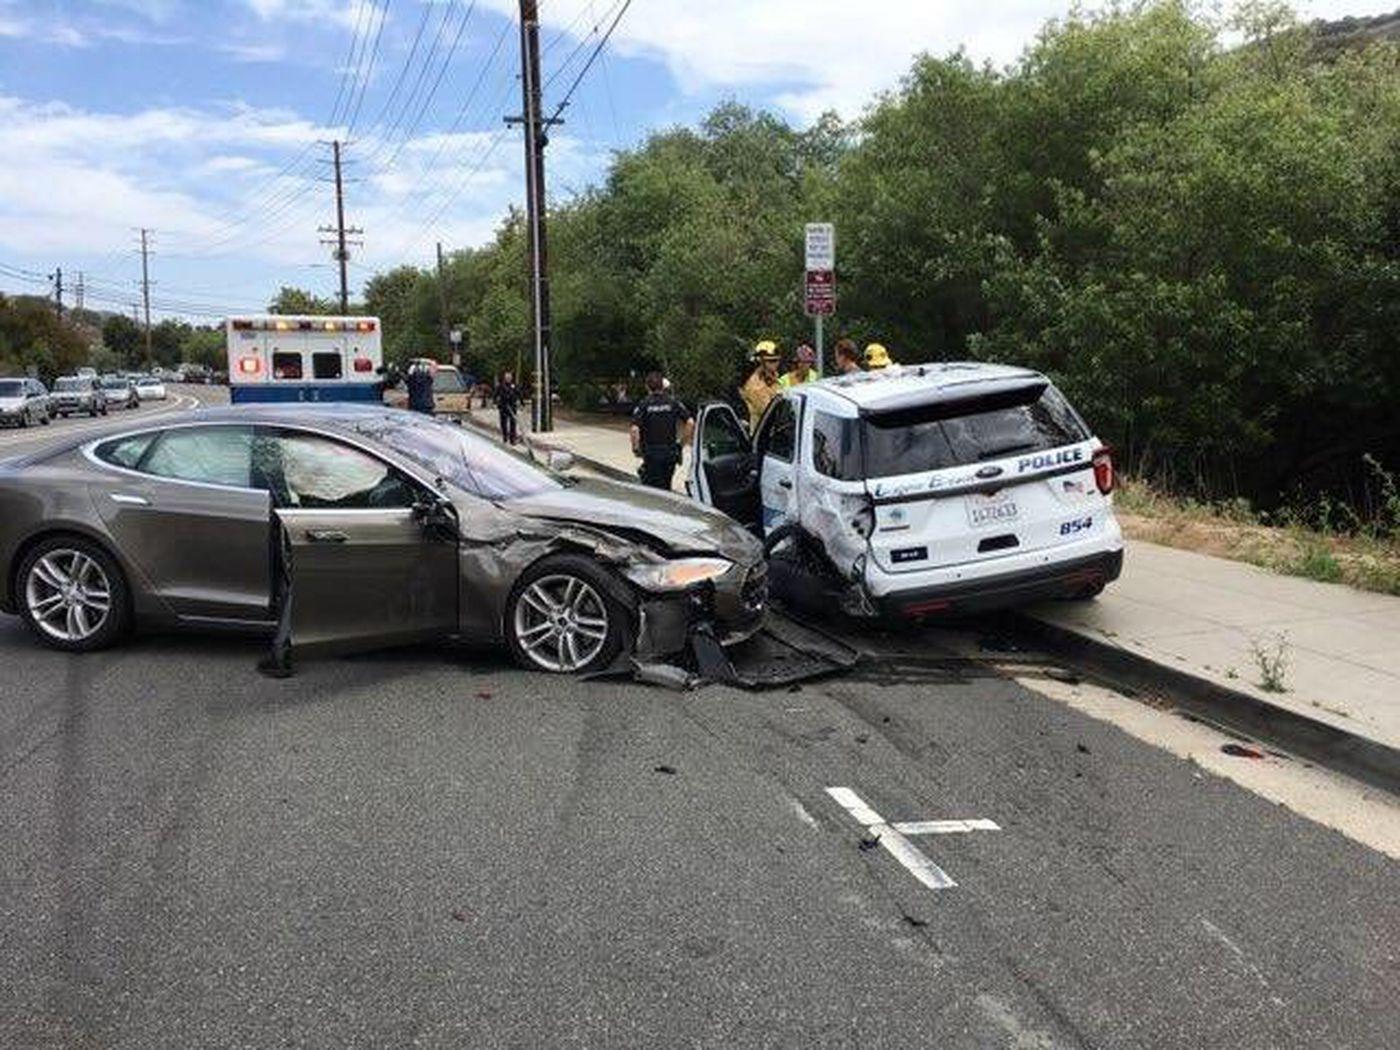 甩锅 特斯拉再出车祸撞上警车 司机表示都怪自动驾驶仪autopilot